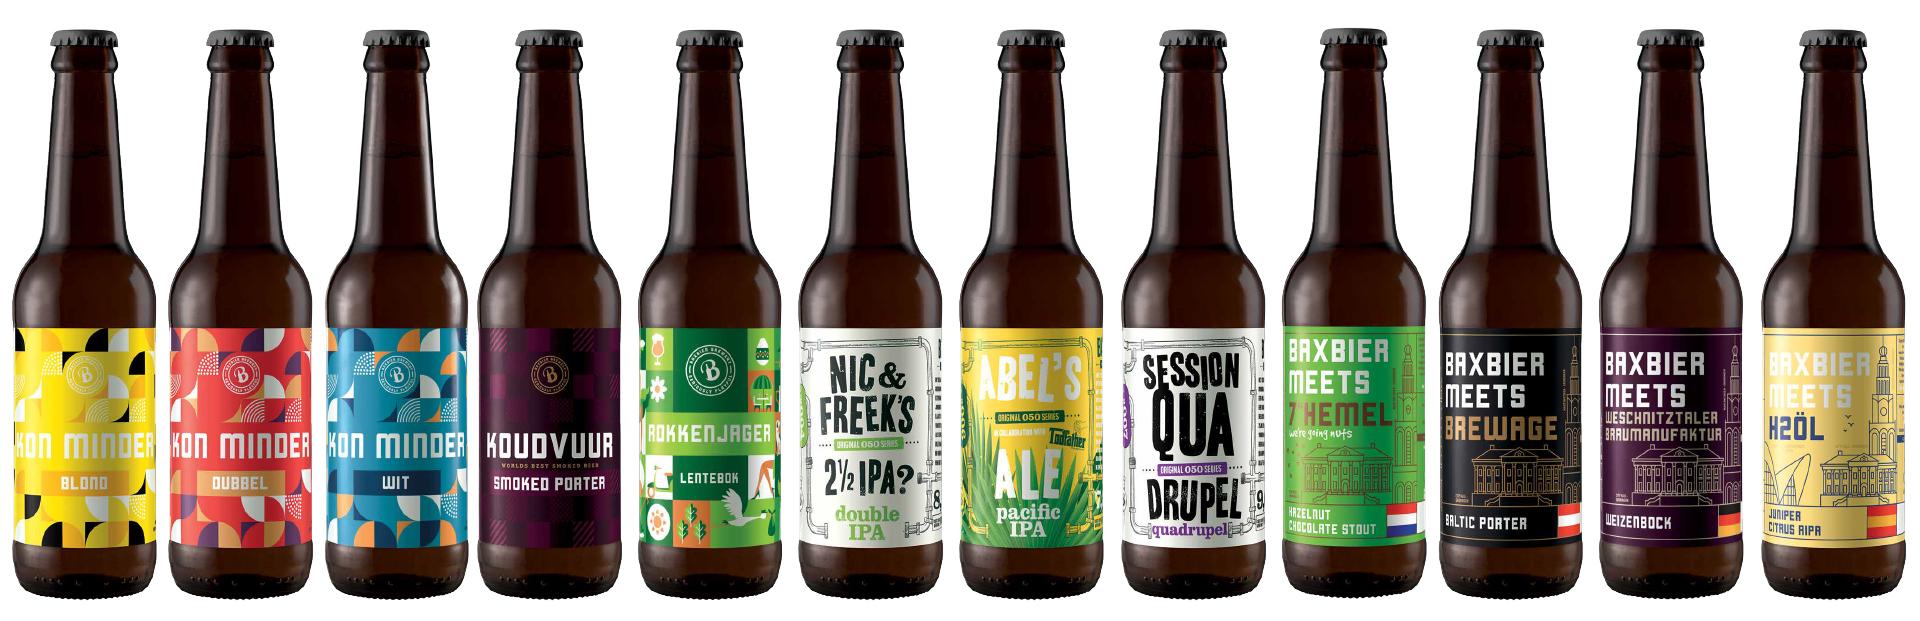 nectar-utrecht-pils-bier-brouwerij-nederland-groningen-baxbier-assortiment